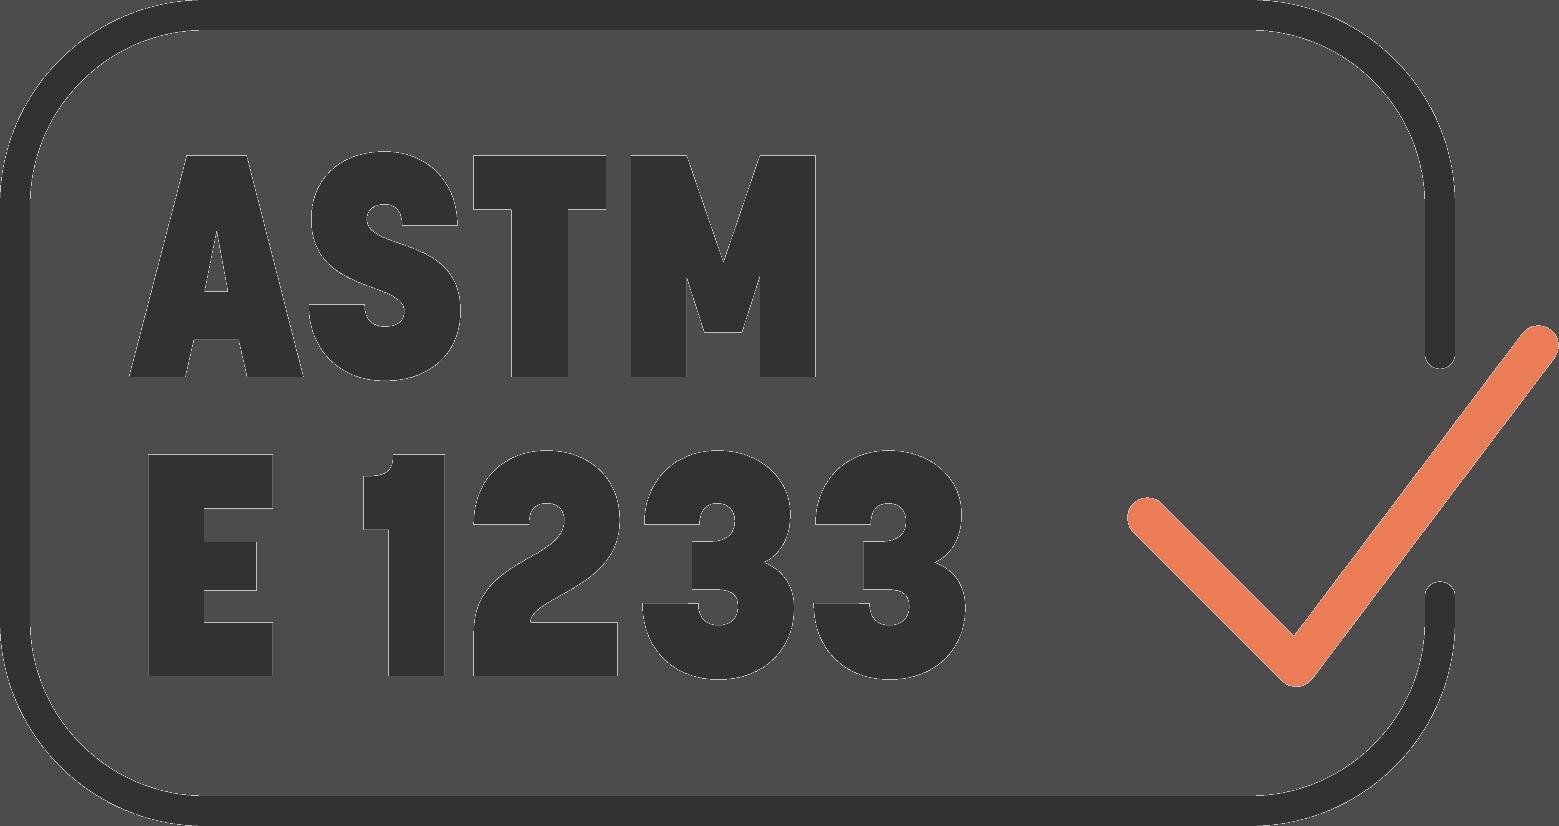 ASTM E 1233